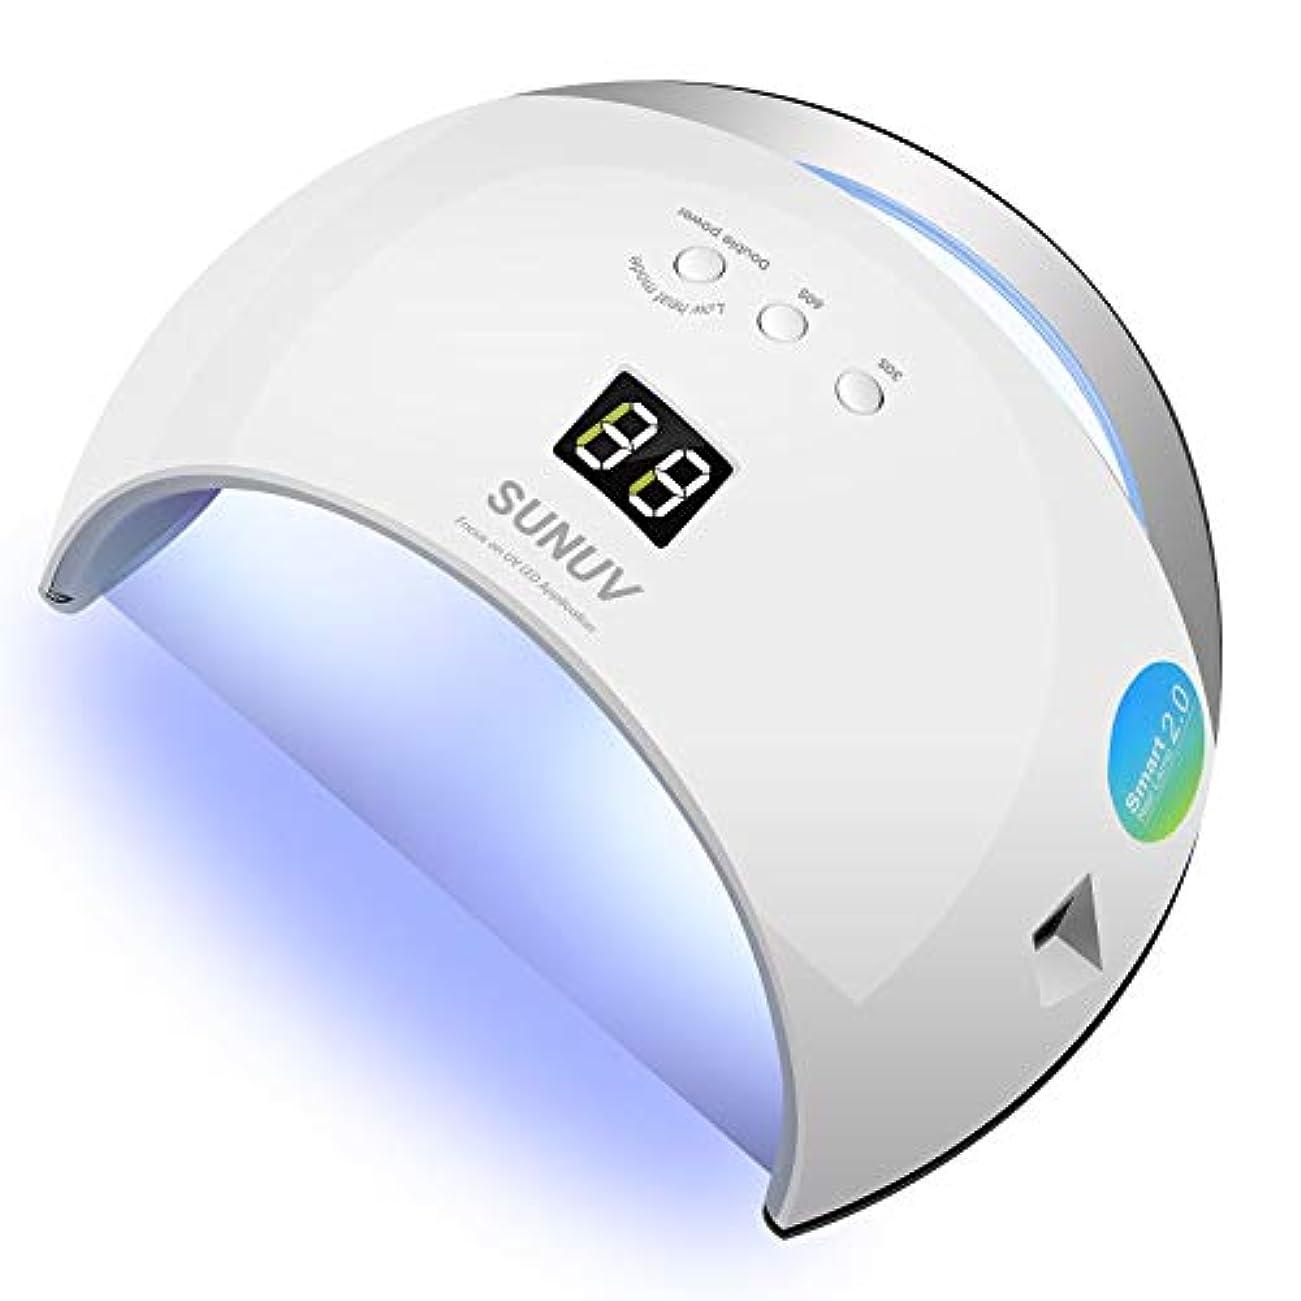 トラップ槍誓うNaturalTrend ジェルネイル uv ledライト 最新48W 話題の低ヒートモード搭載 人感センサー (新48W, ライトホワイト)